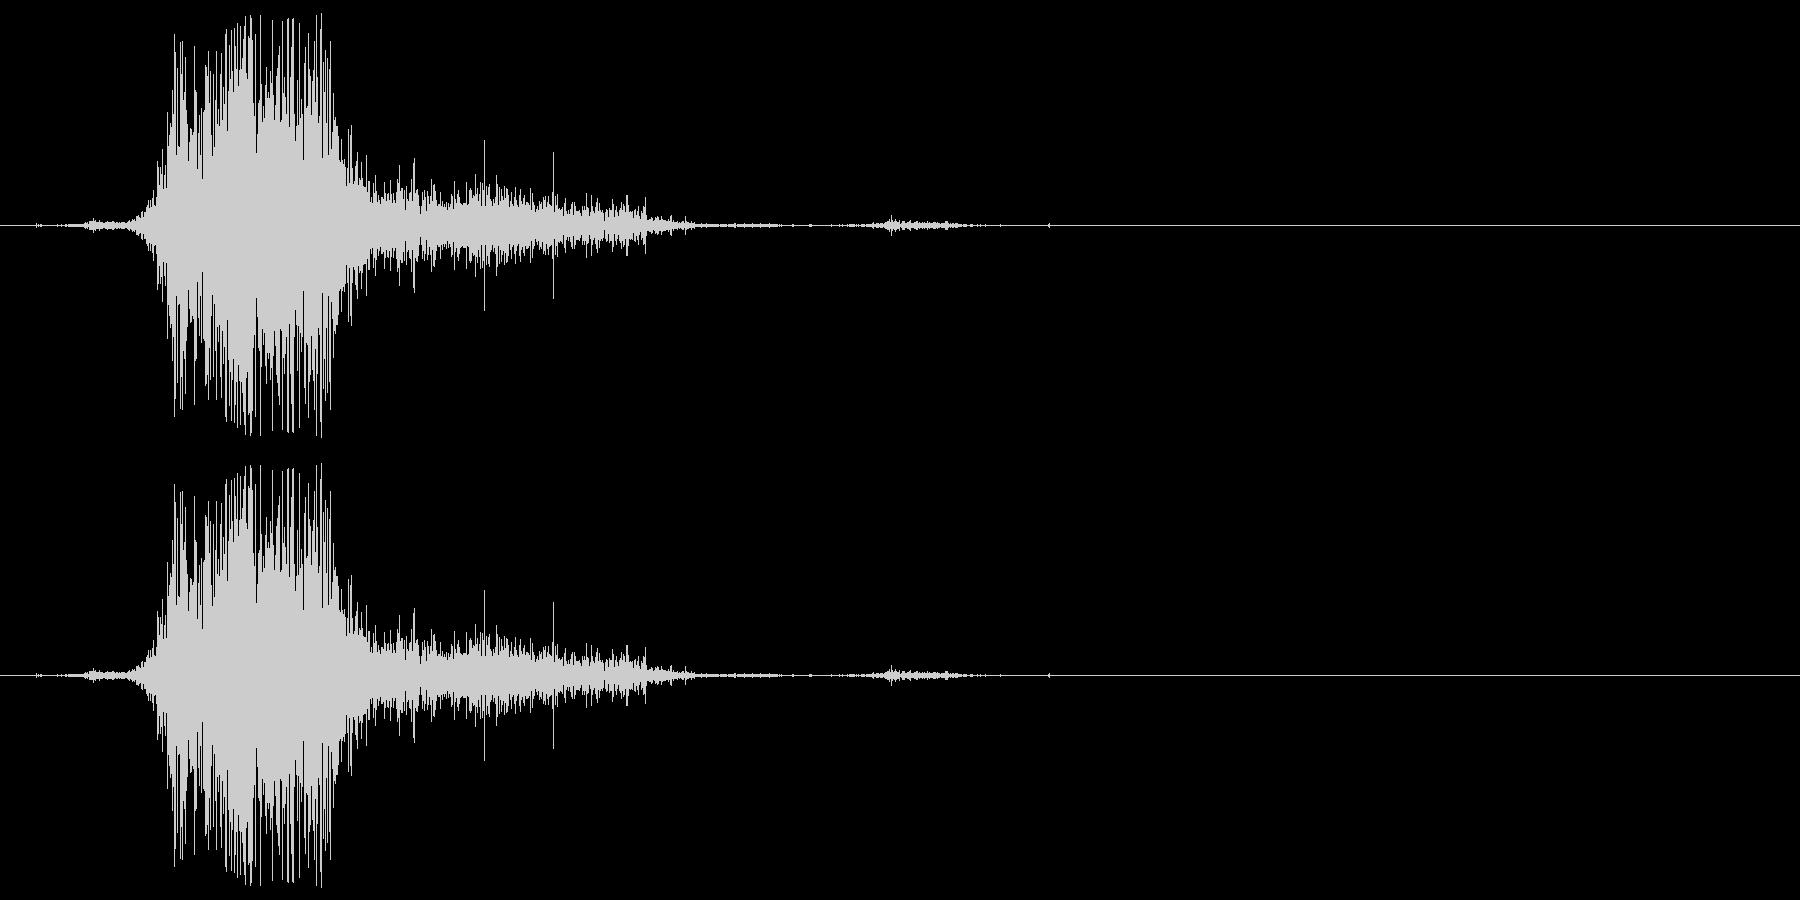 ズシャッ(サッカー・スライディング)の未再生の波形